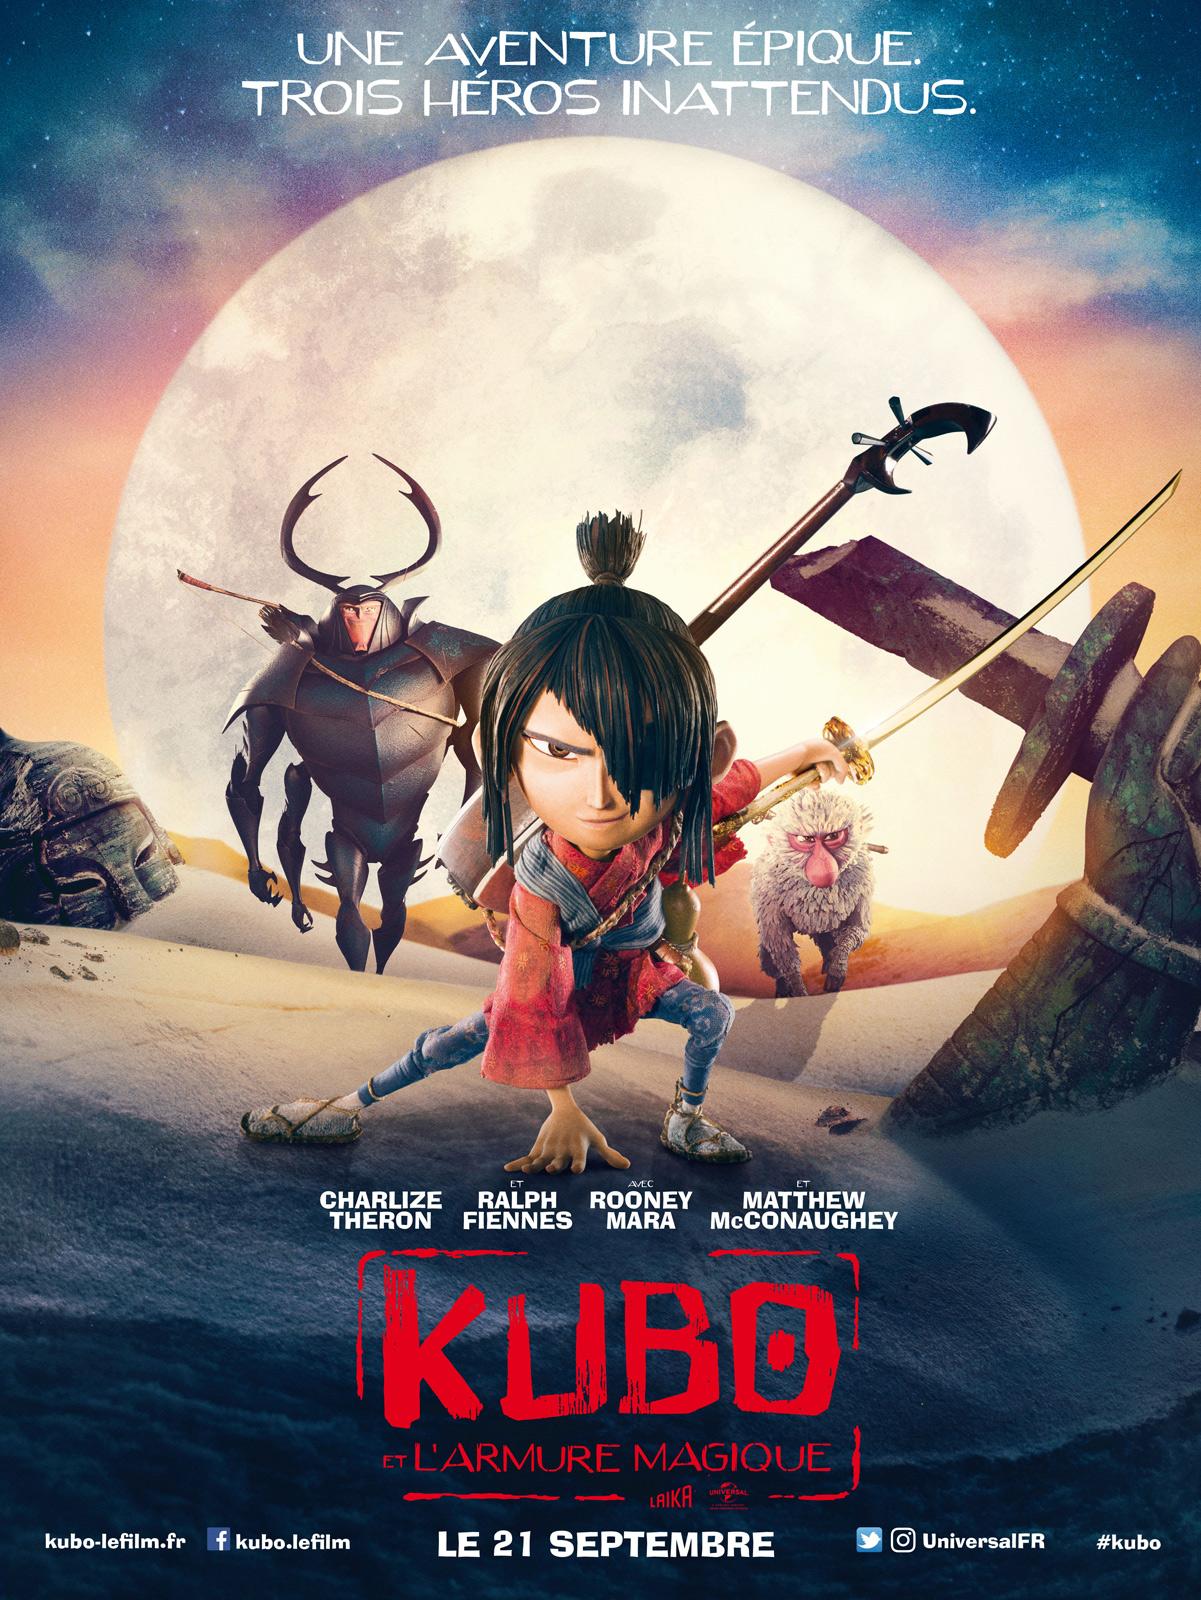 Kubo et l'armure magique ddl